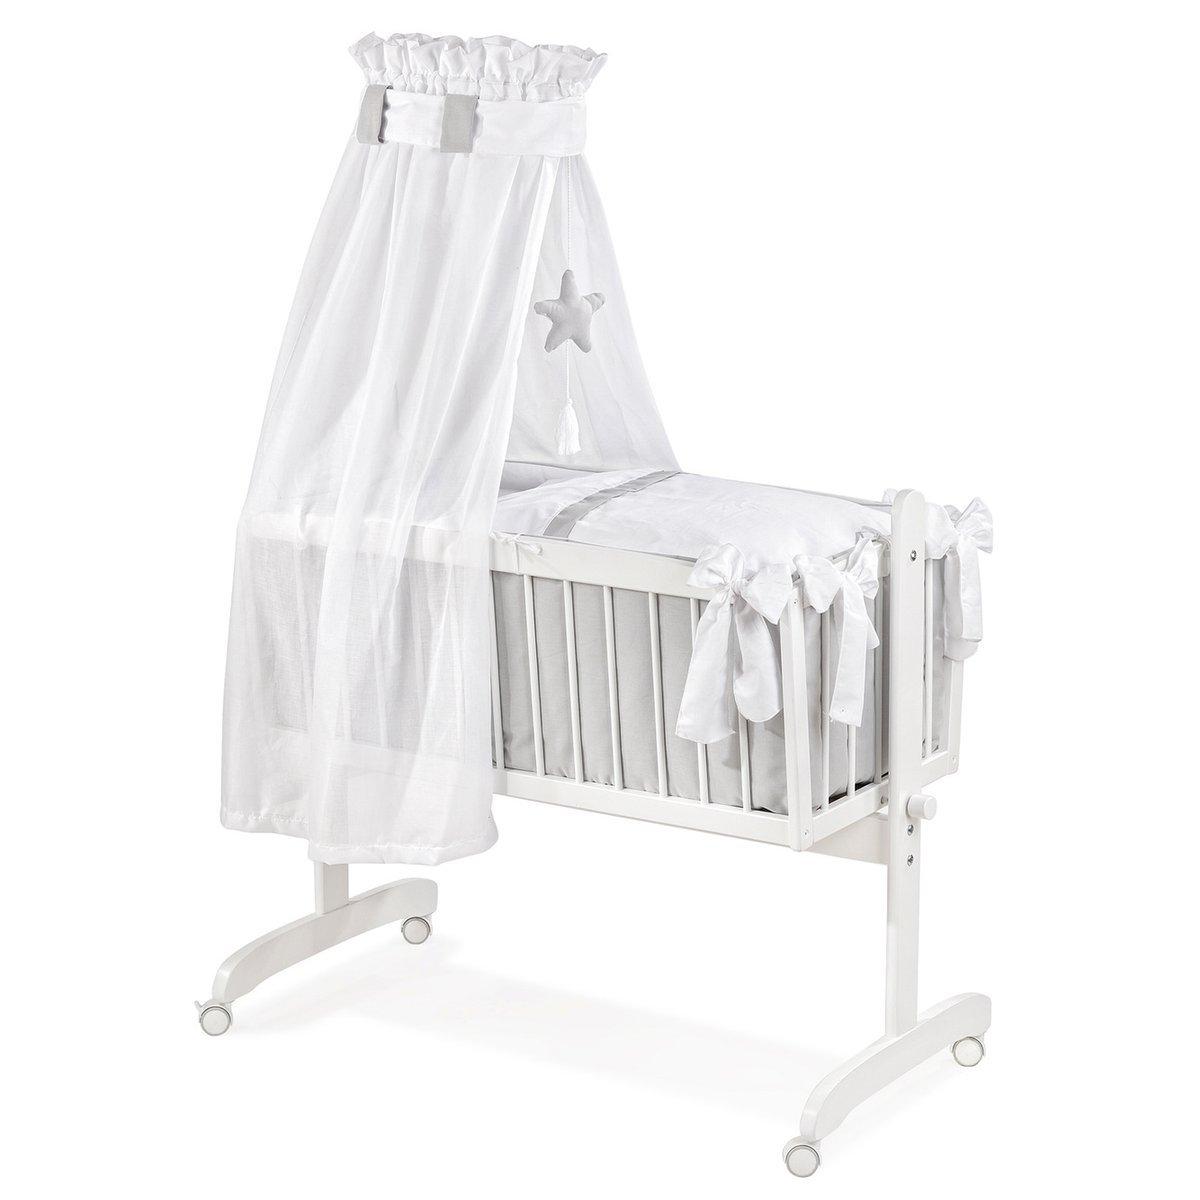 Christiane Wegner 2001 02429  Wiege weiß lackiert, Ausstattung weißanthrazit  BabyKritiken und weitere Infos